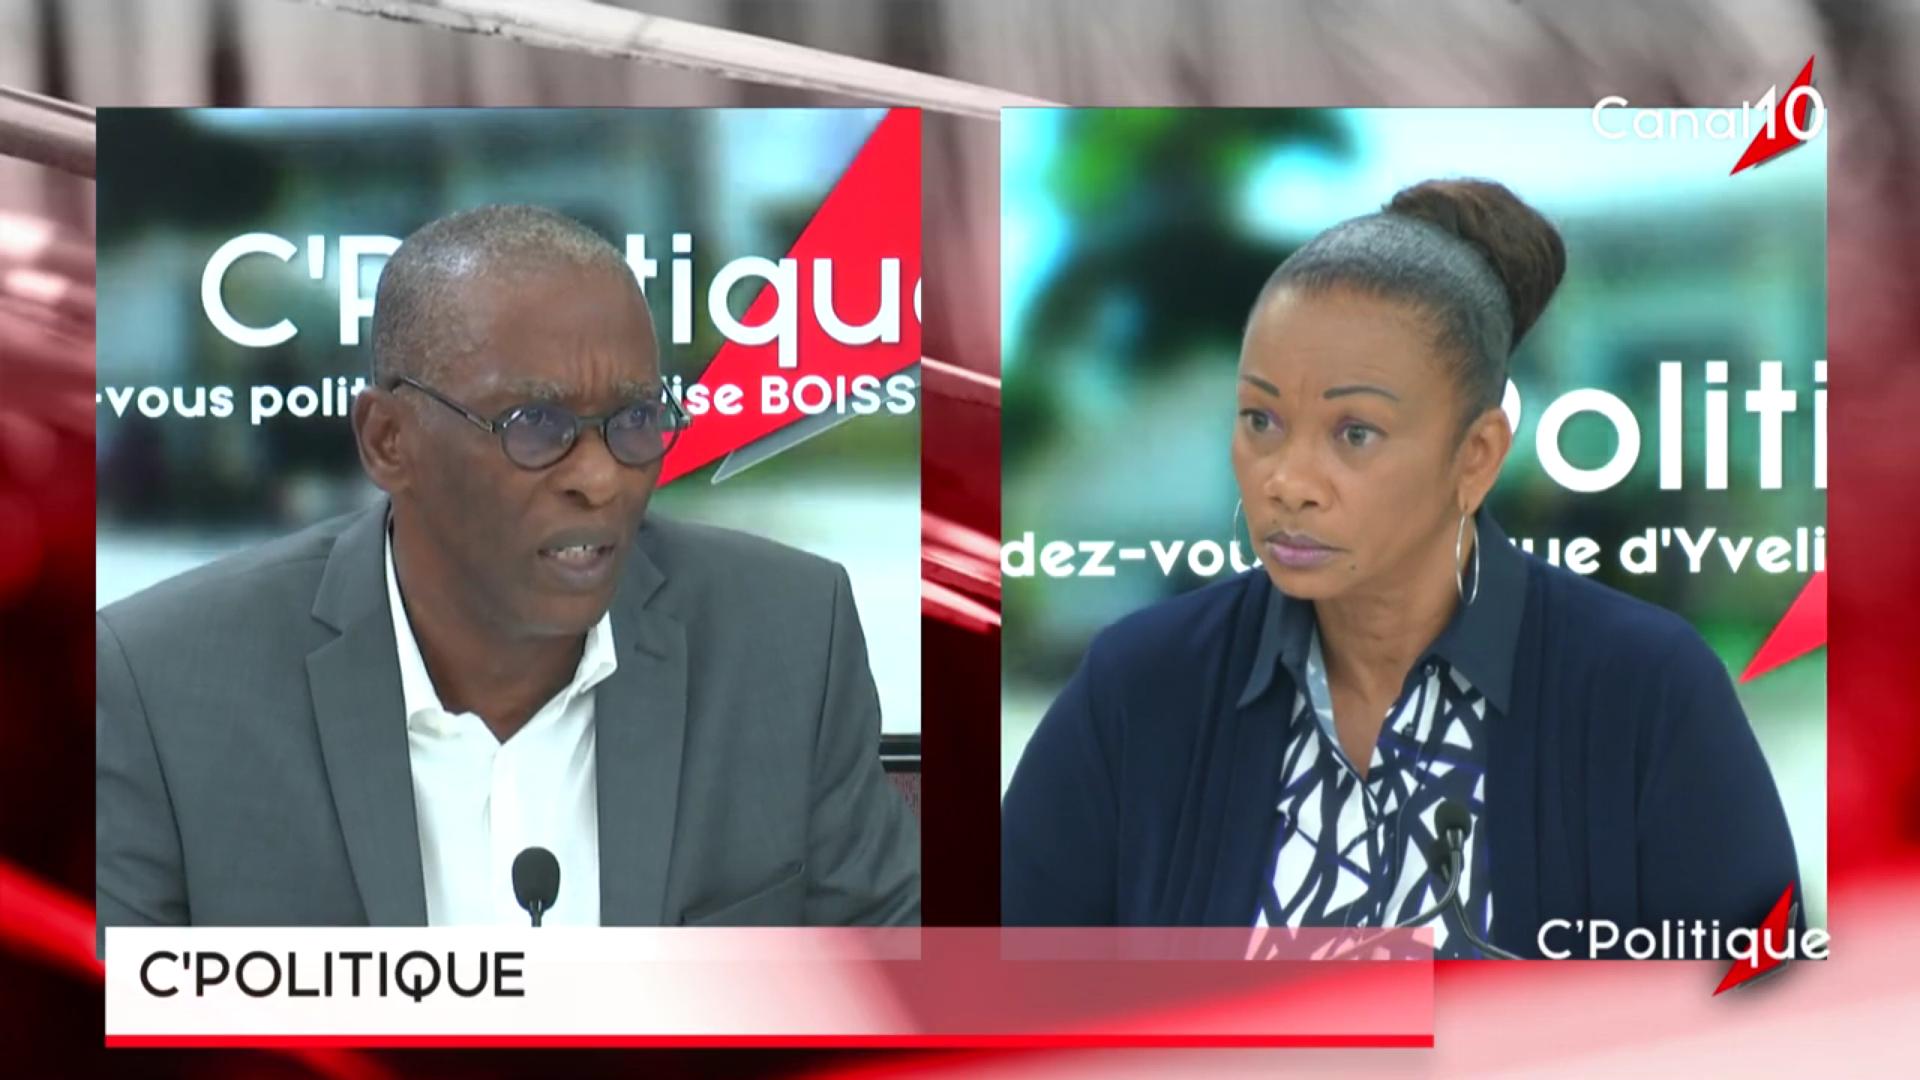 [Vidéo] Onews Guadeloupe. Harry DURIMEL Maire de Pointe à pitre invité de C politique (Canal10)